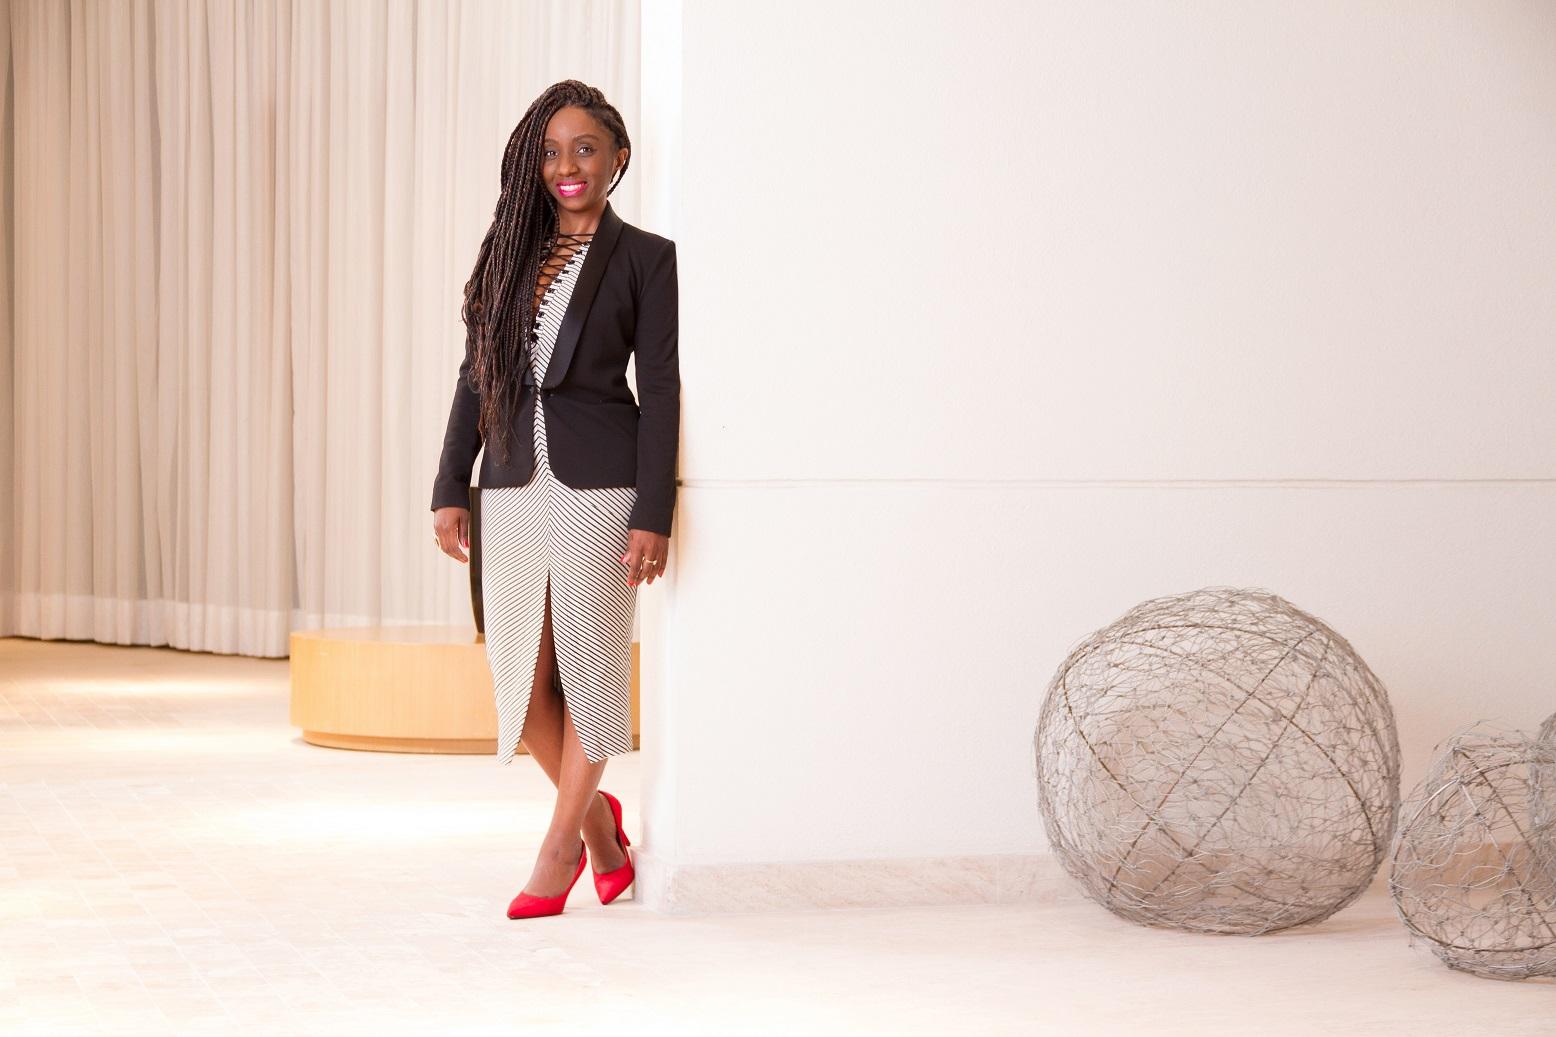 Nina Silva é gerente de projetos na ToughWorks, empresa de TI que tem como parte da sua missão promover a equidade racial e de gênero. Foto Divulgação